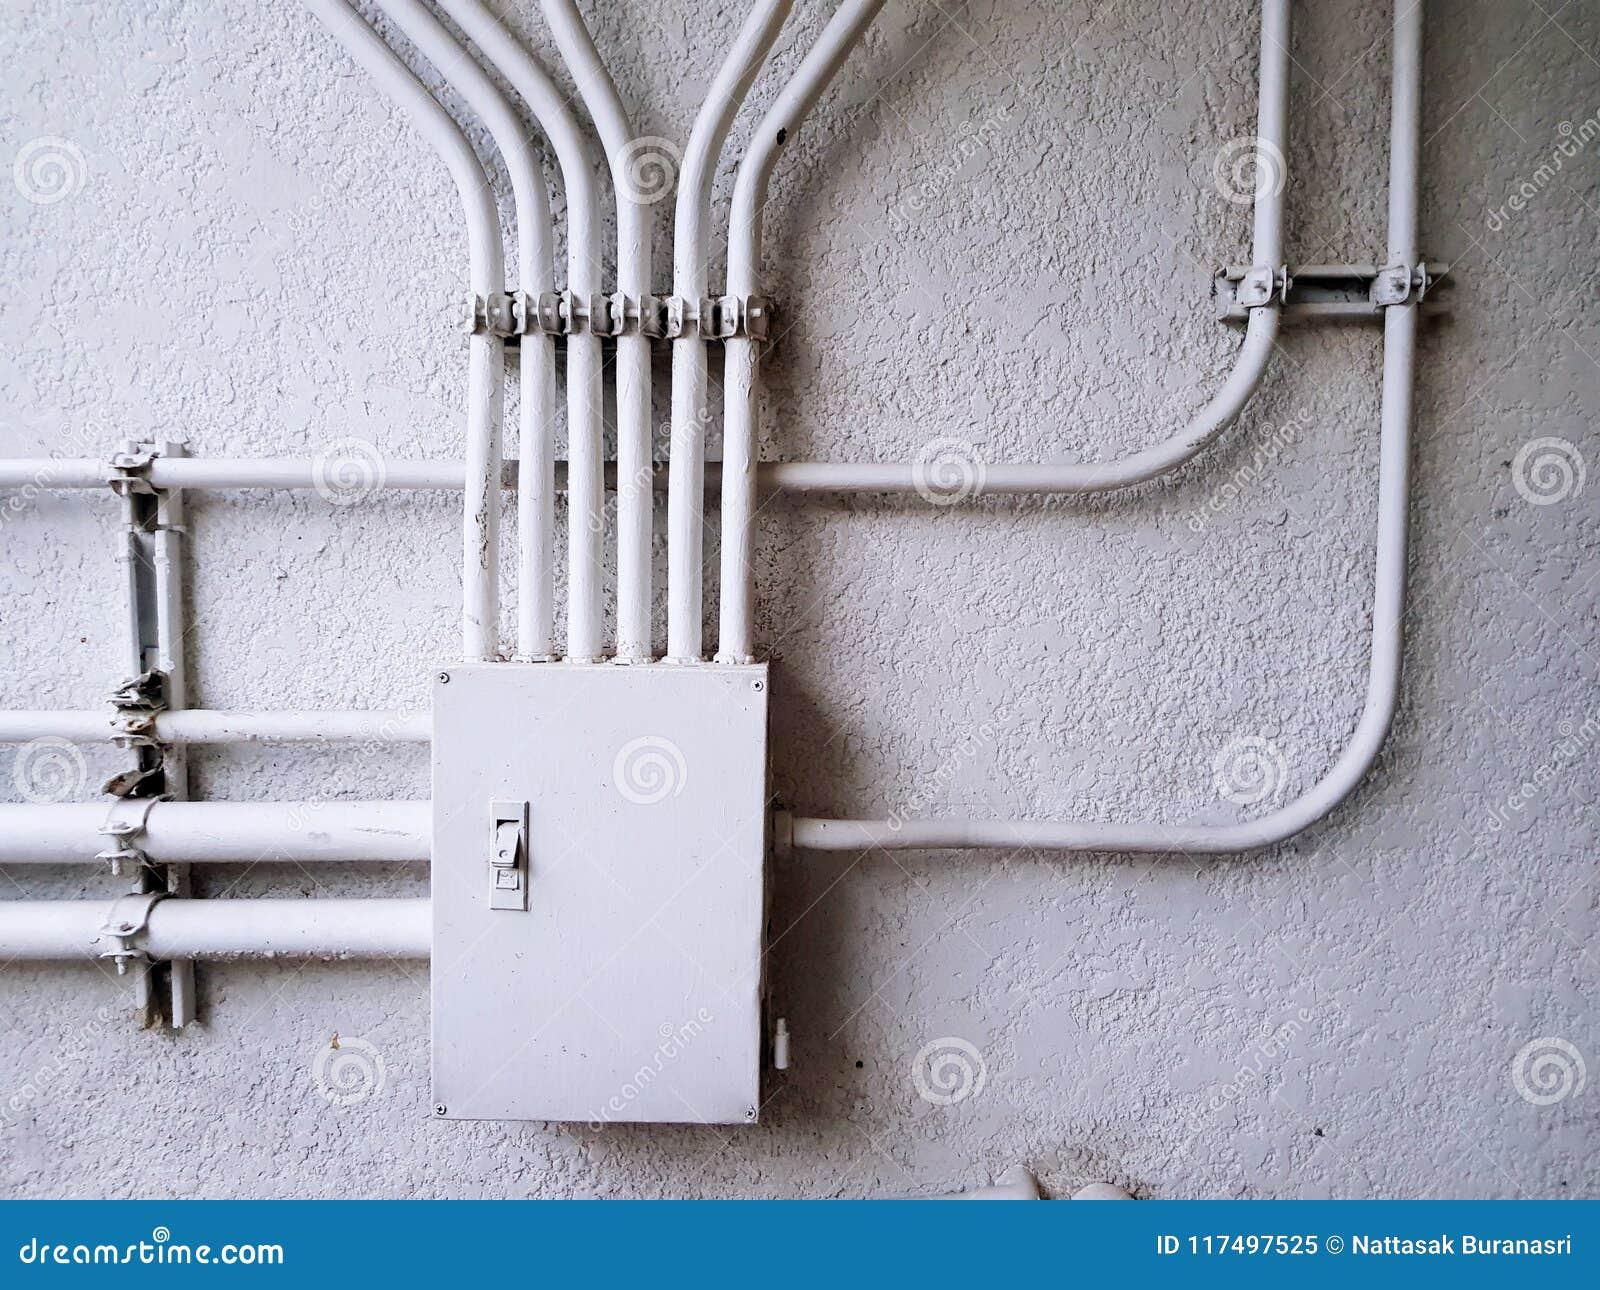 Άσπρο ηλεκτρικό κιβώτιο συνδέσεων ελέγχου για το ηλεκτροφόρο καλώδιο διανομής στον άσπρο συμπαγή τοίχο με το διάστημα αντιγράφων